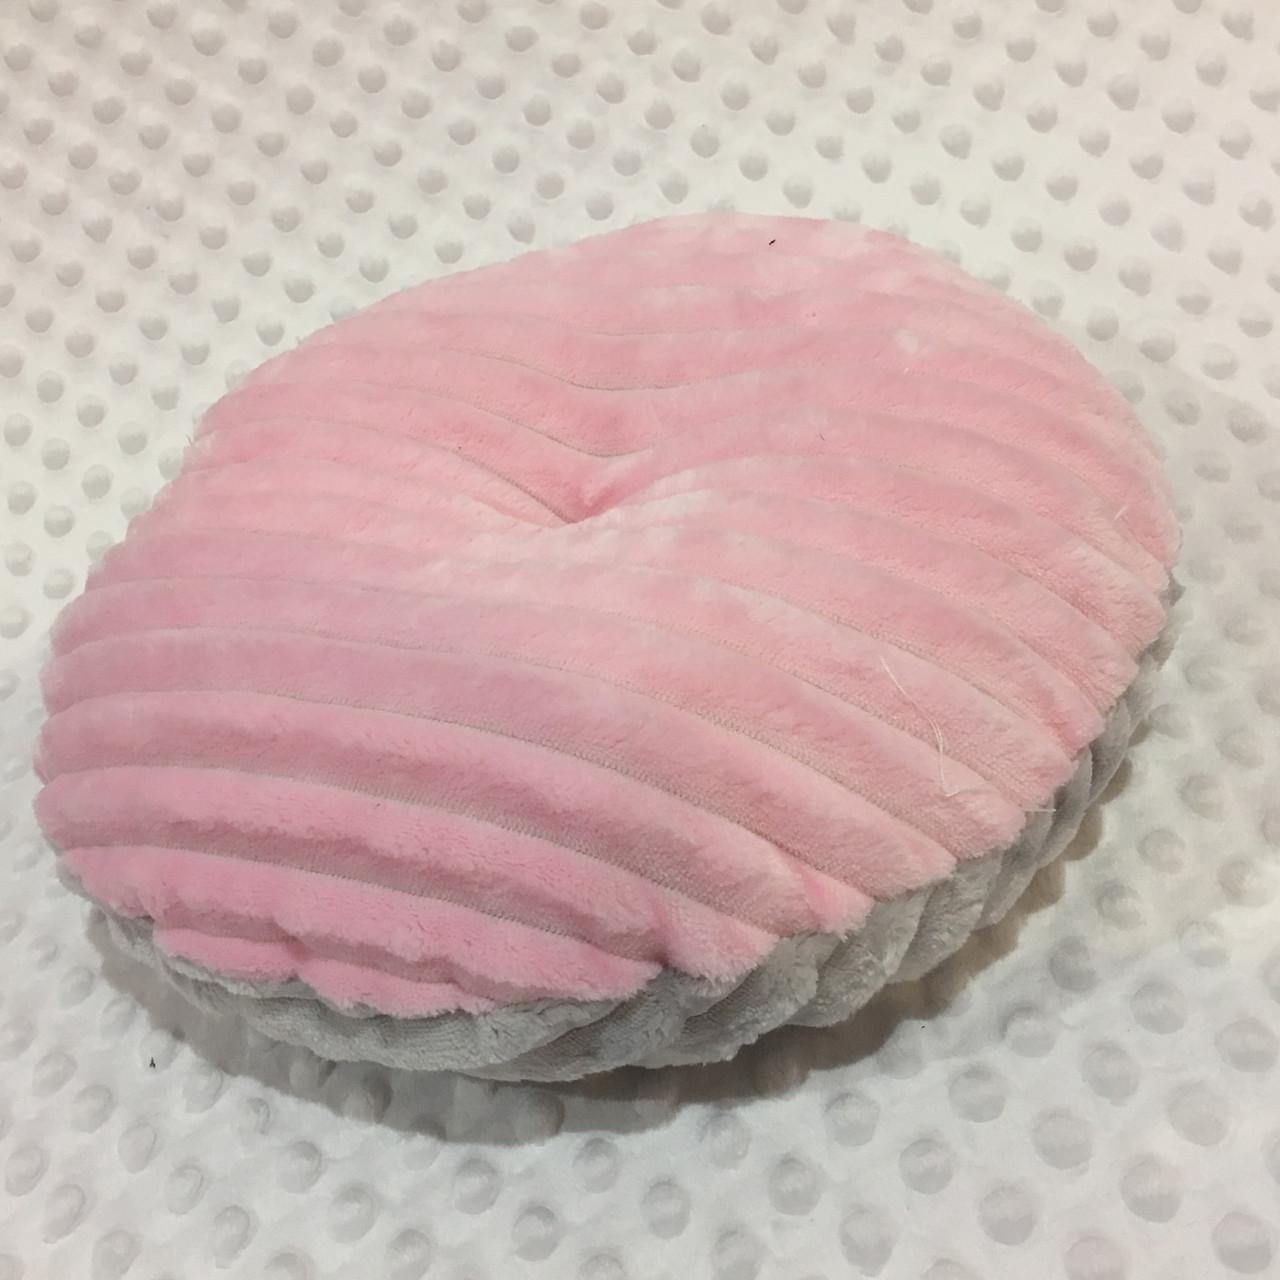 Декоративна подушка двохстороння. колір рожевий/сірий